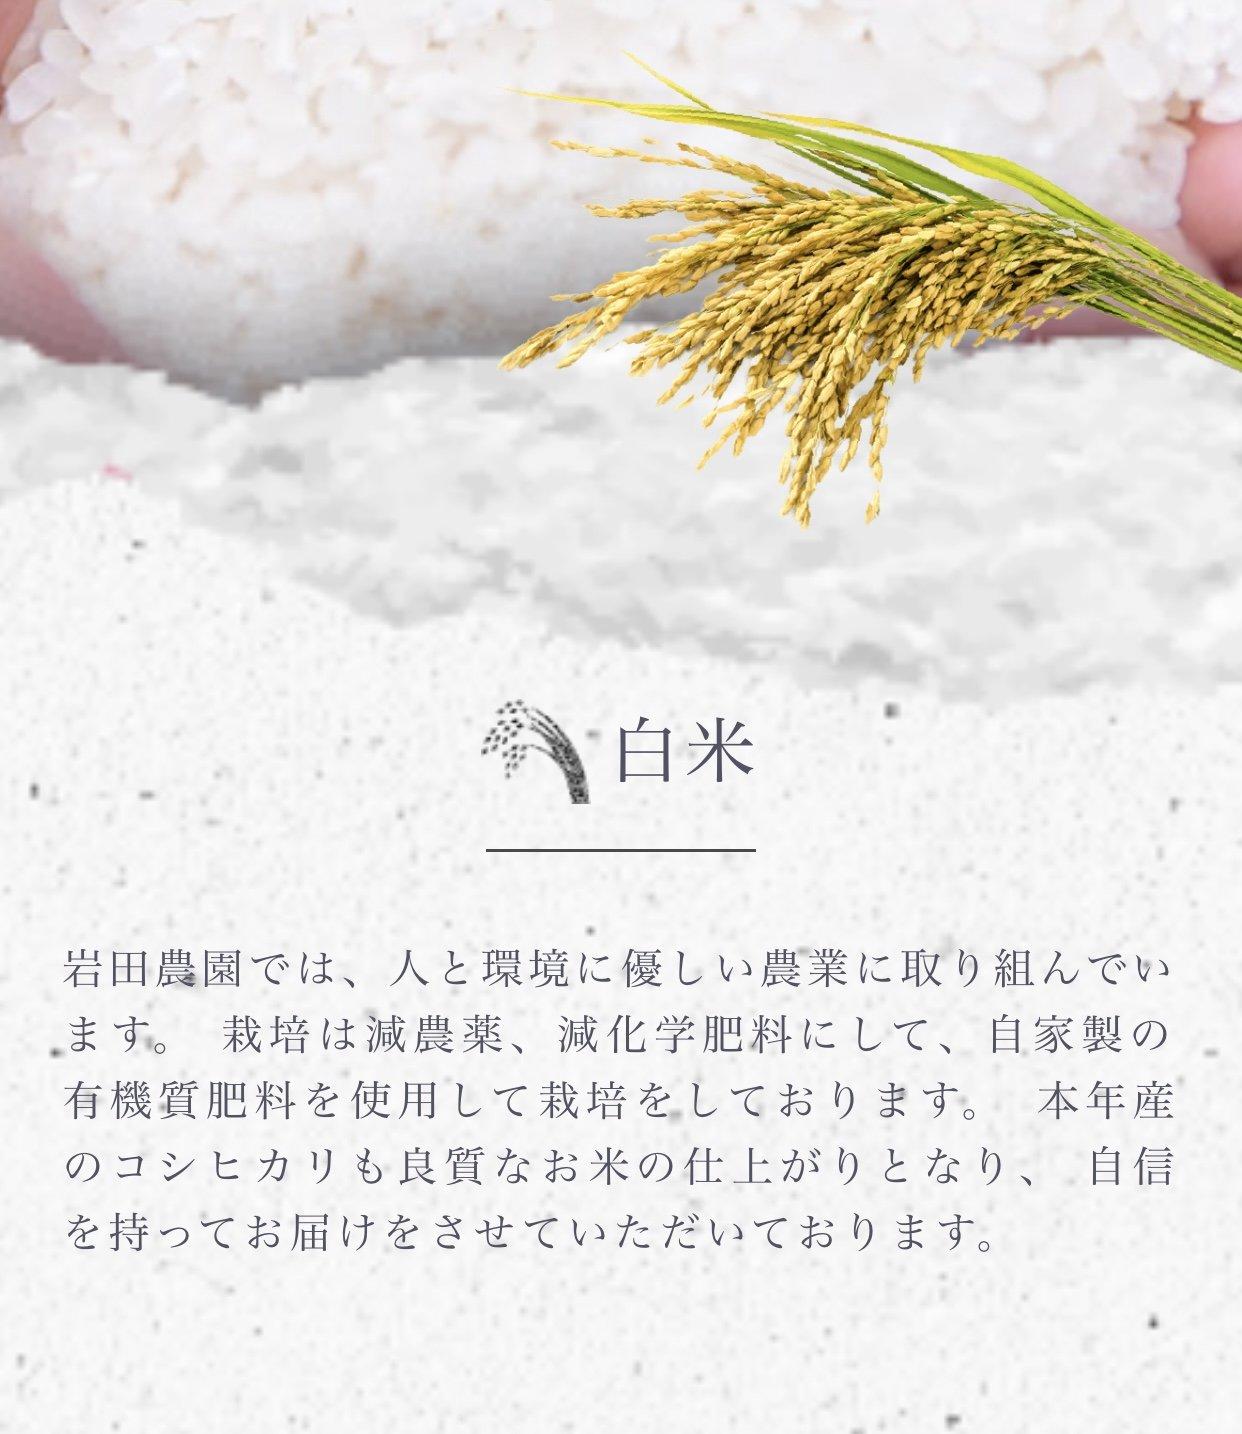 備長炭で焼く‼️炭家の焼き鳥弁当(仁多米コシヒカリ)のイメージその2